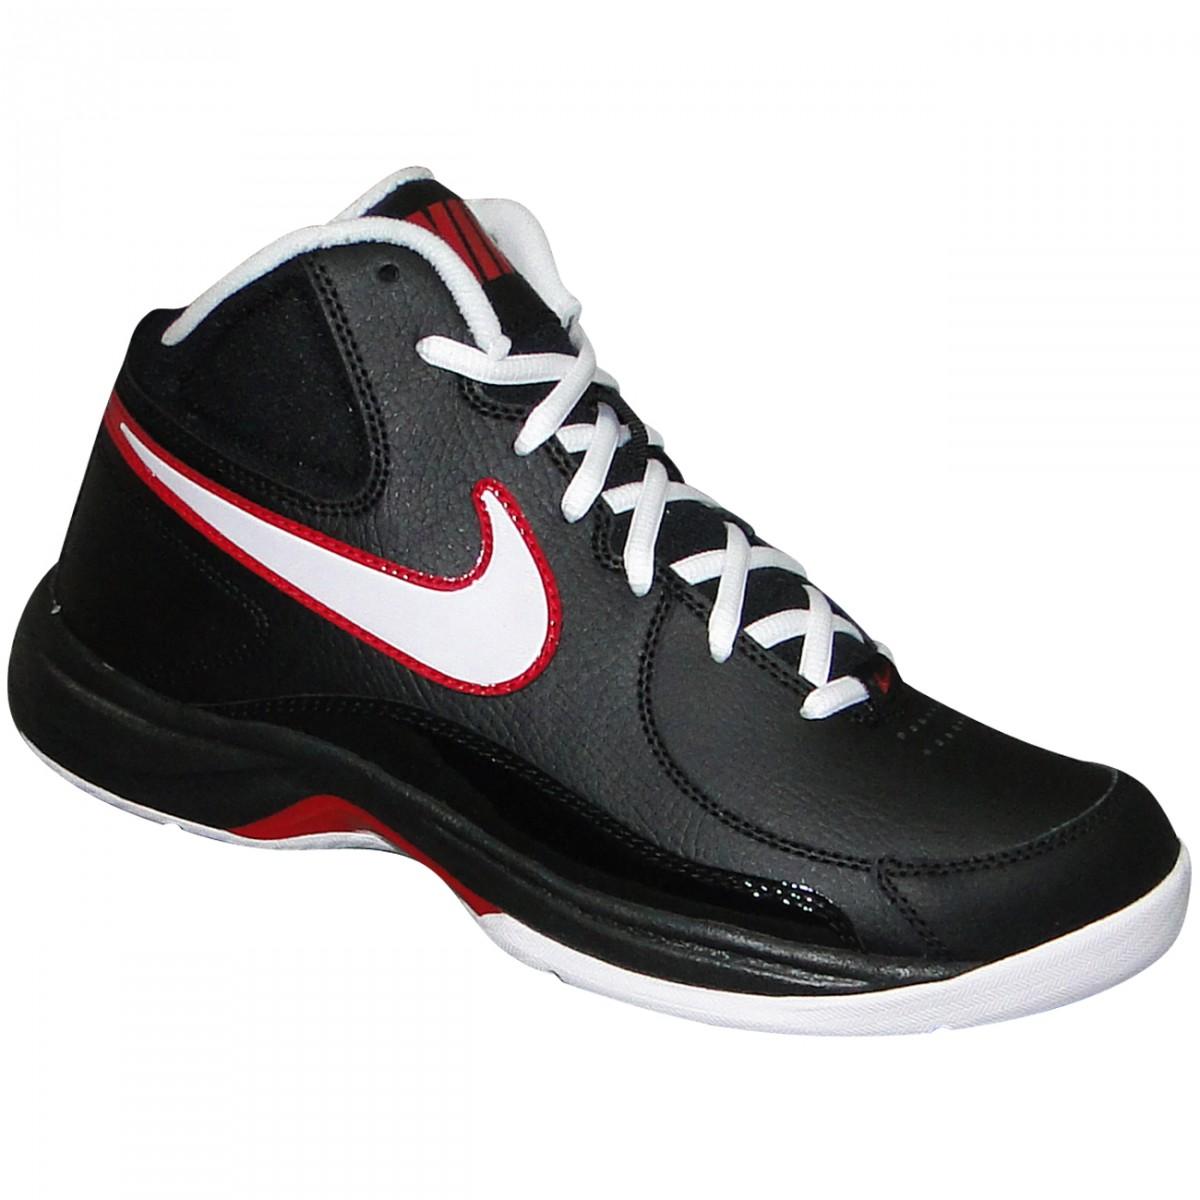 9e519ed8d2 Tenis Nike Overplay VII 511372 004 - Preto Branco Vermelho ...